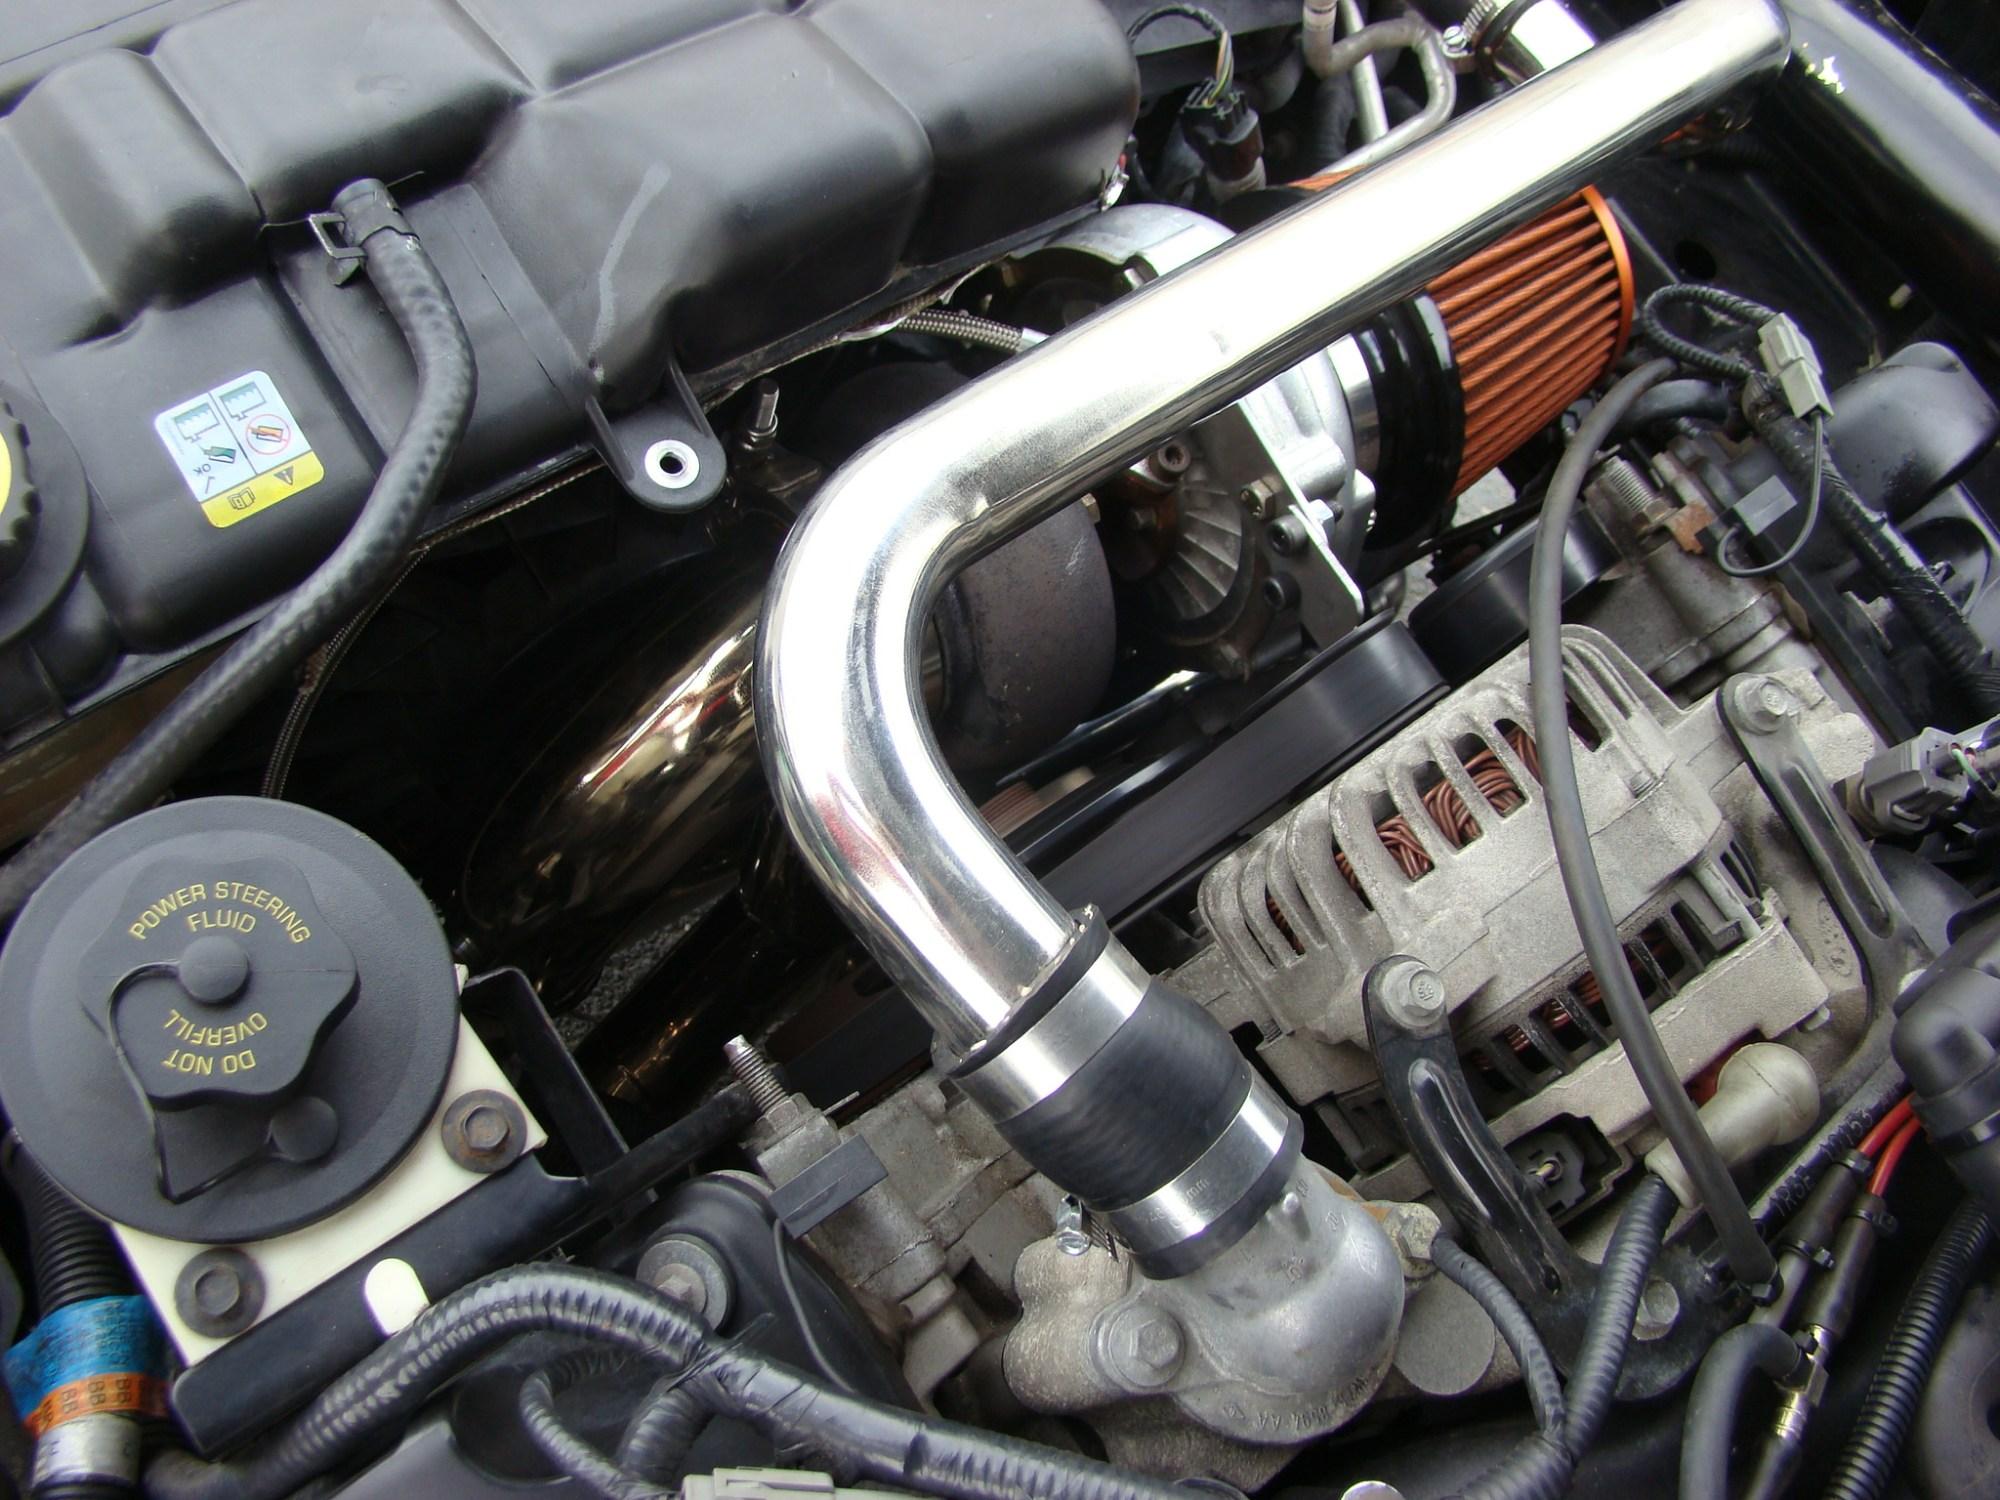 hight resolution of 1996 04 mustang gt 4 6 2v forward facing turbo system